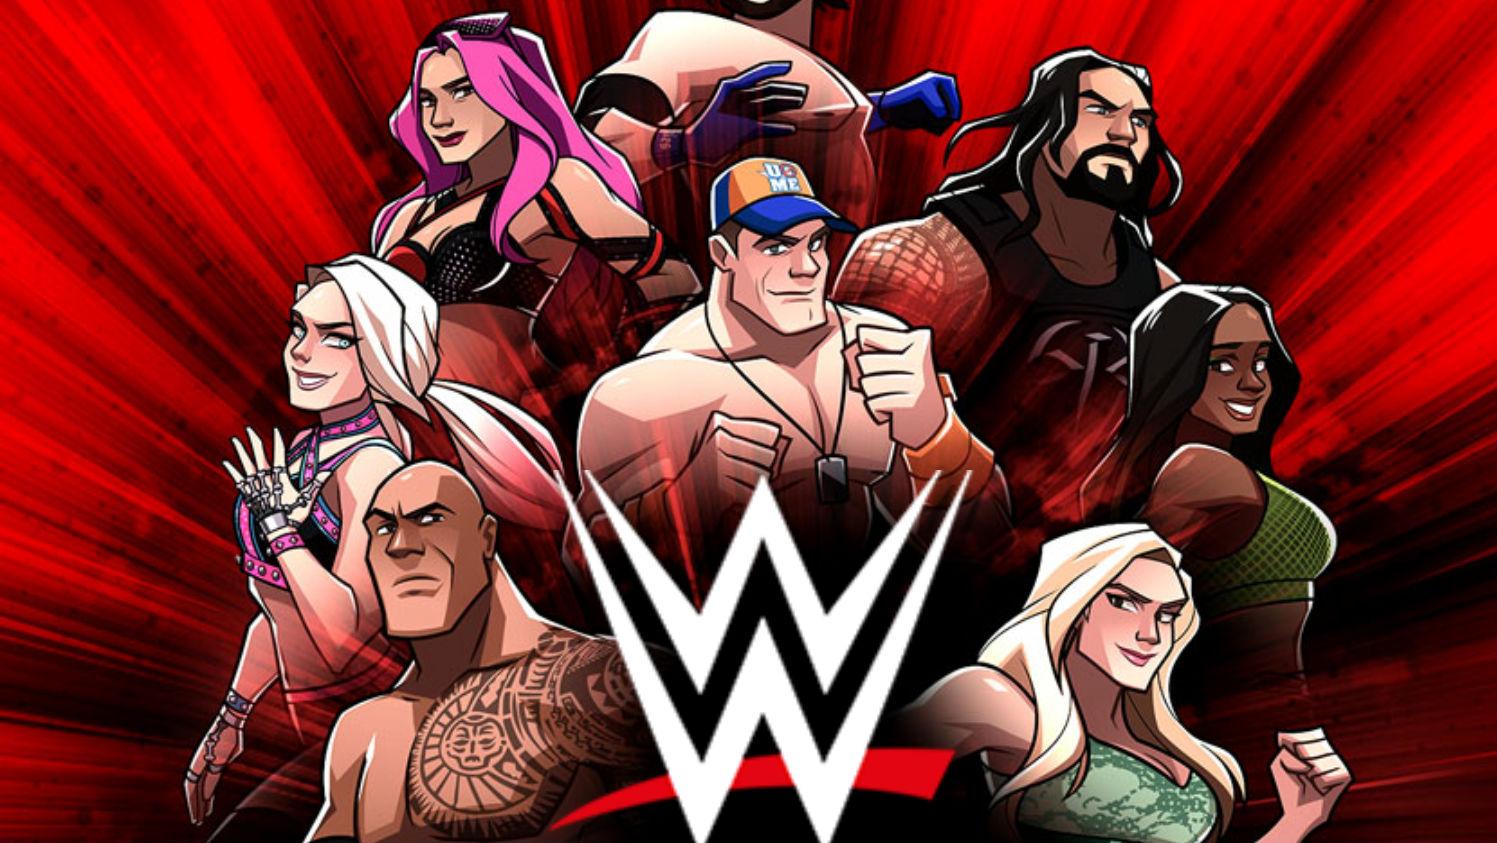 لعبة مصارعة مميزة لمواجهة أبطال WWE ومنافسة الأصدقاء